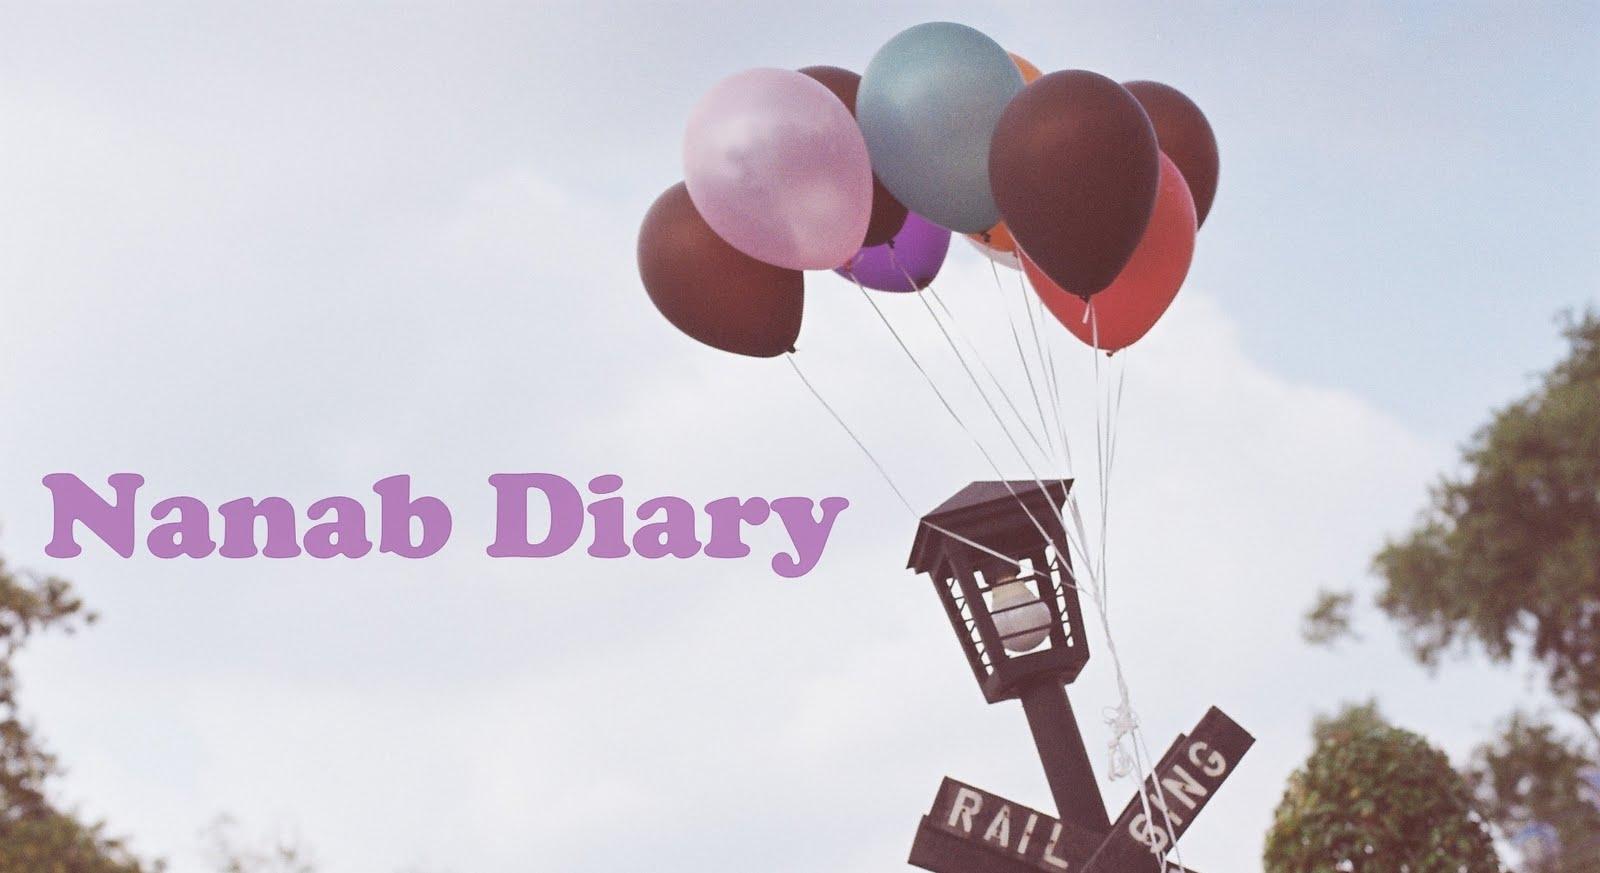 Nanab Diary